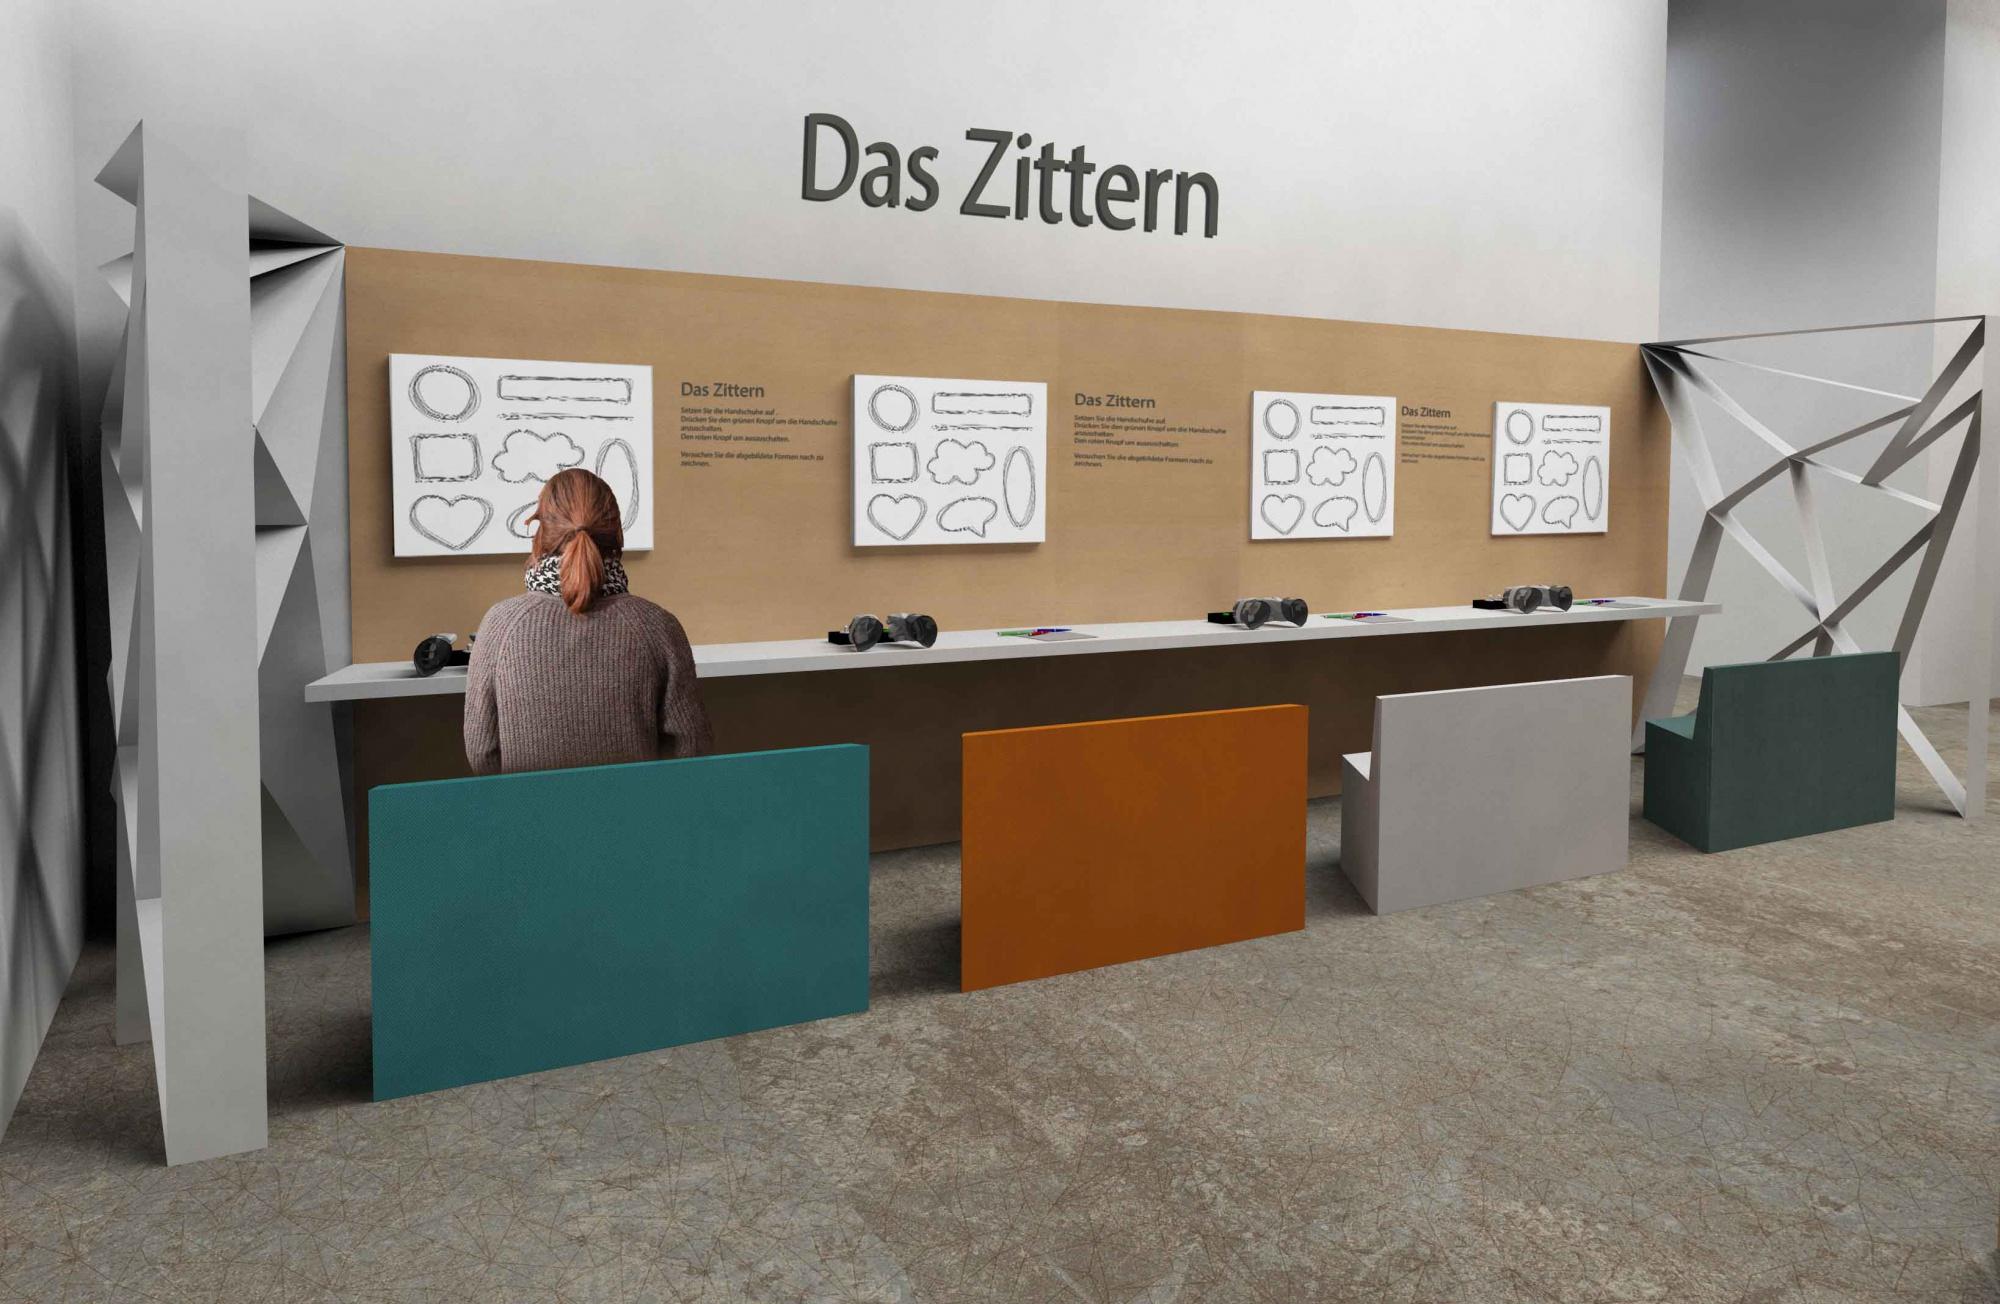 Innenarchitektur Detmold Bewerbung thema hochschulführer seite 2 2 bund deutscher